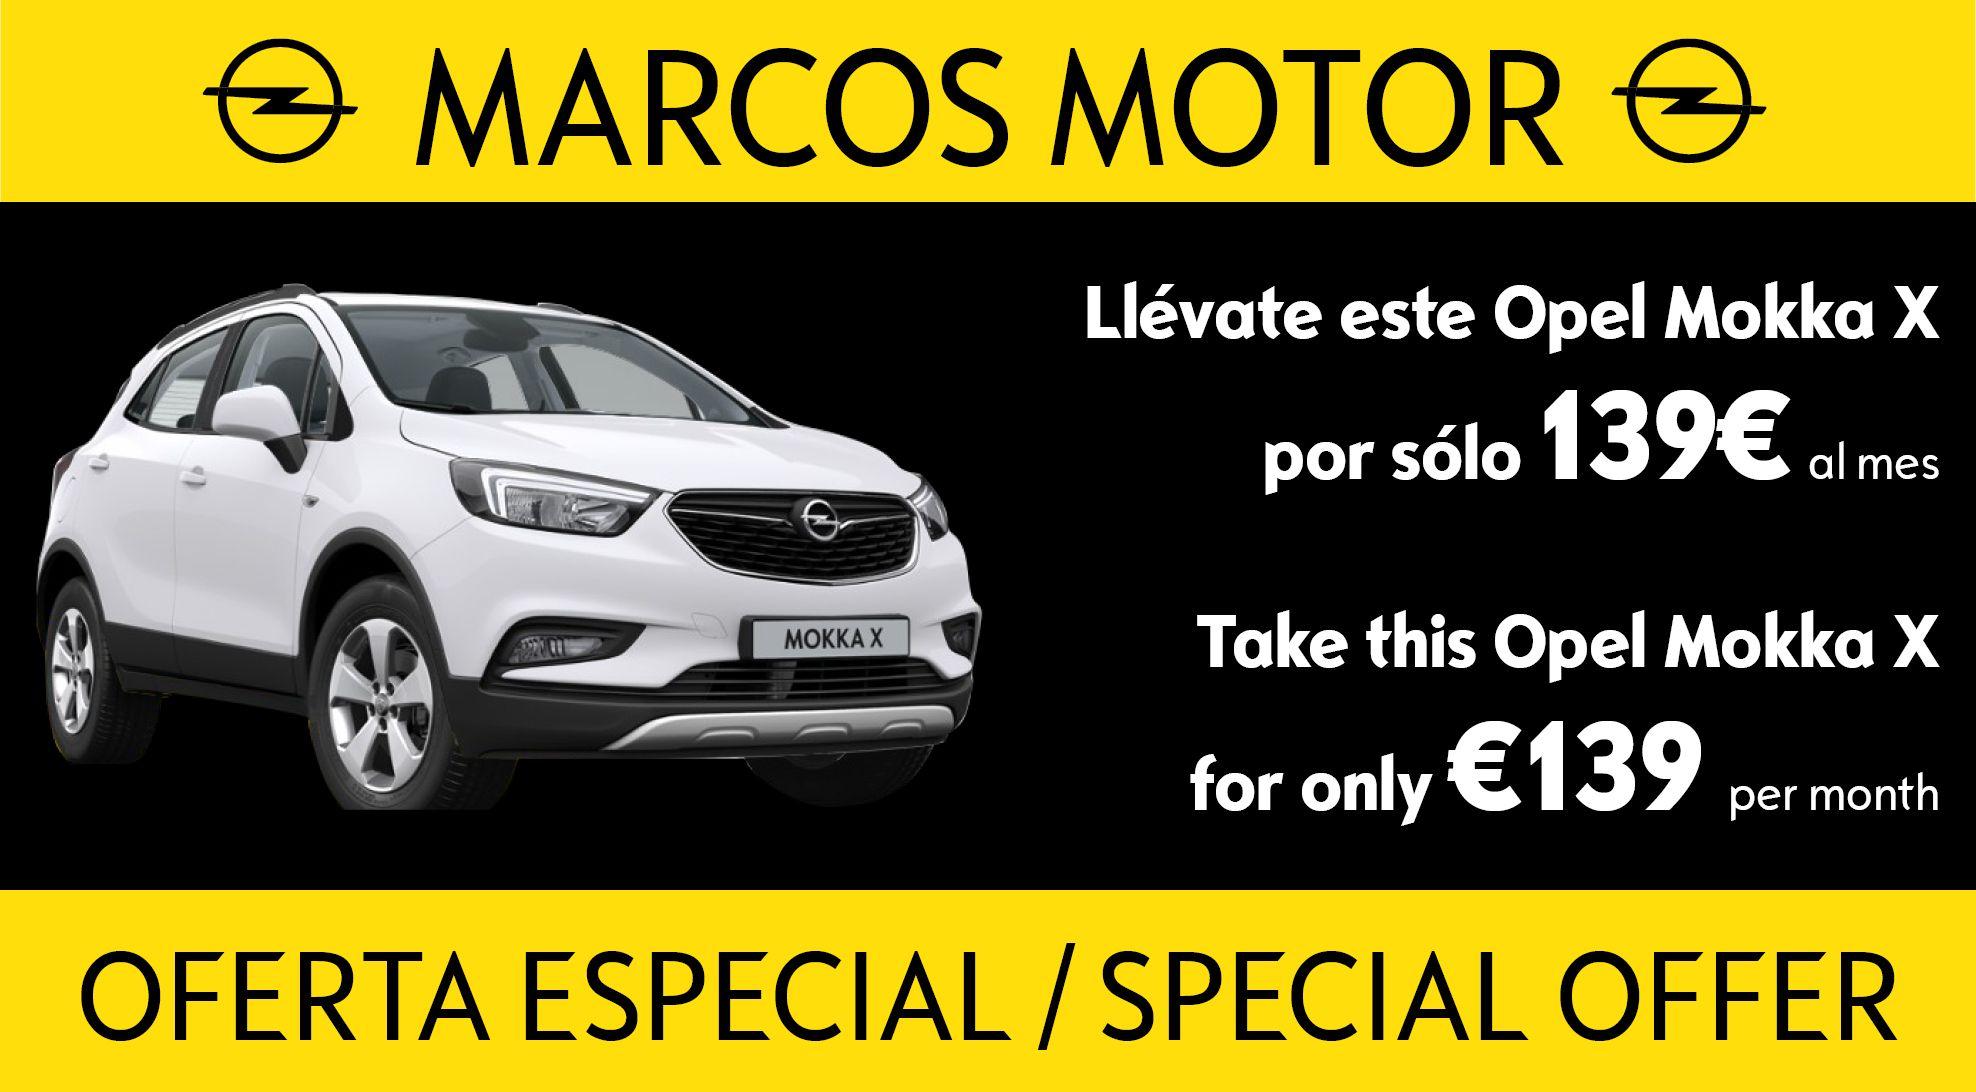 Opel Mokka X Offer 139€ per month